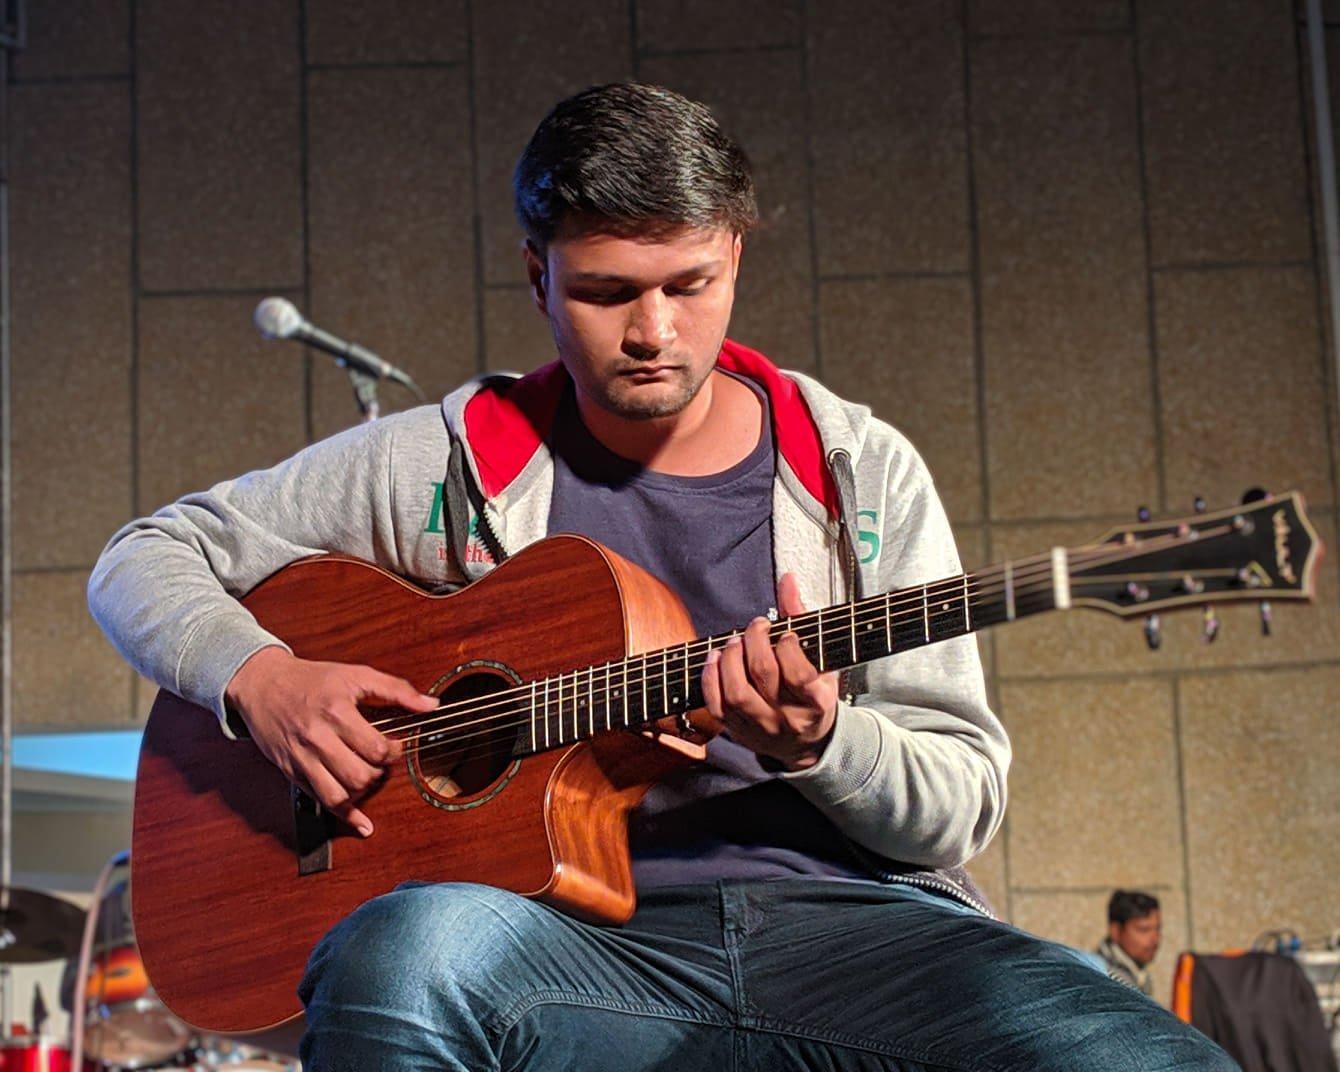 photo displays Pranshu, who works as a writer at guitaristnextdoor.com